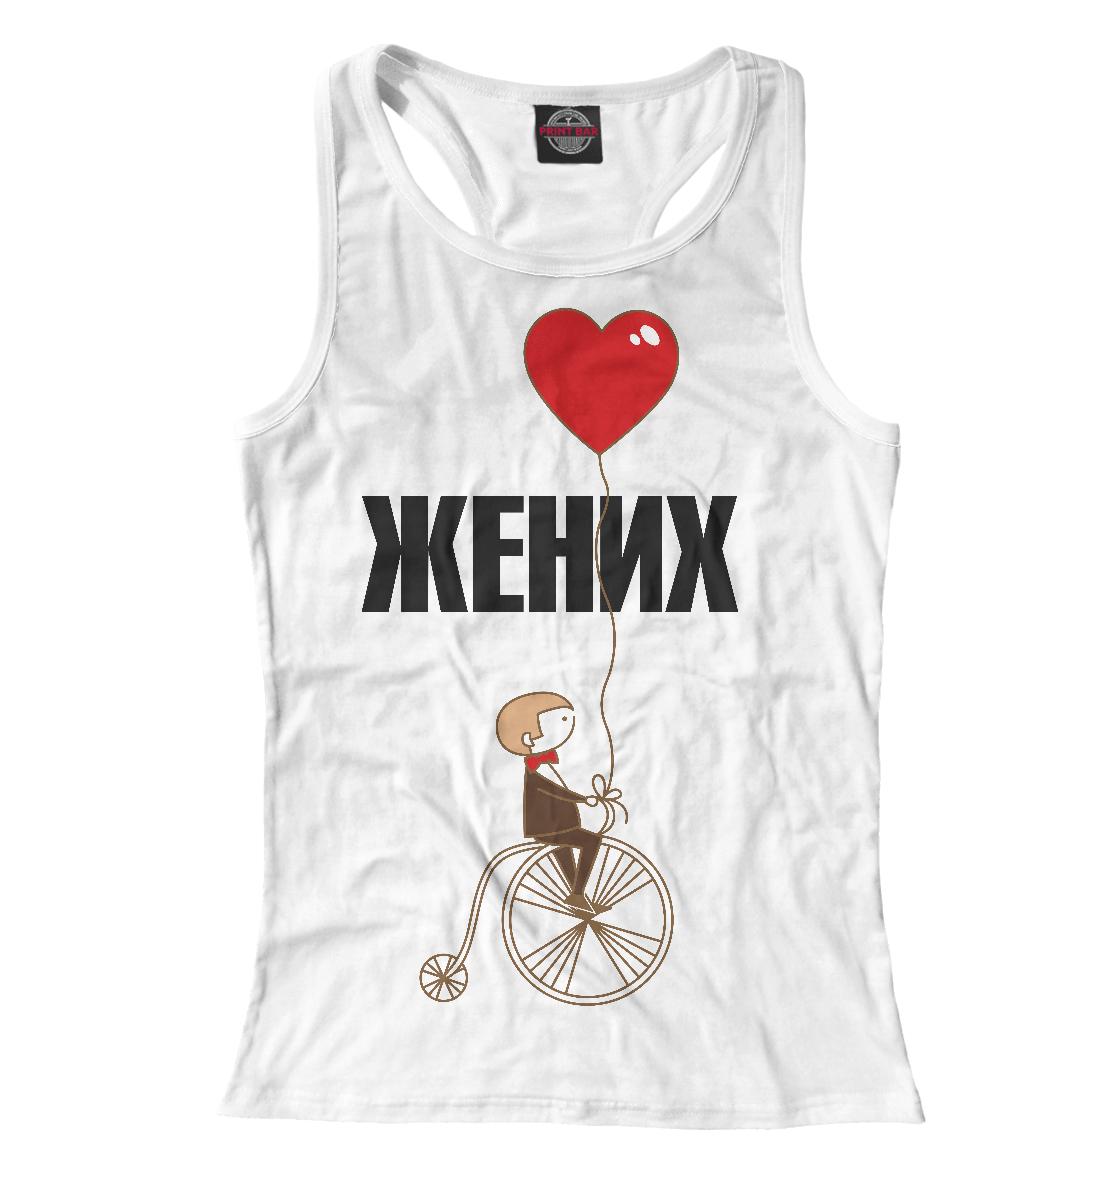 Купить Жених на велосипеде, Printbar, Майки борцовки, SVD-259326-mayb-1